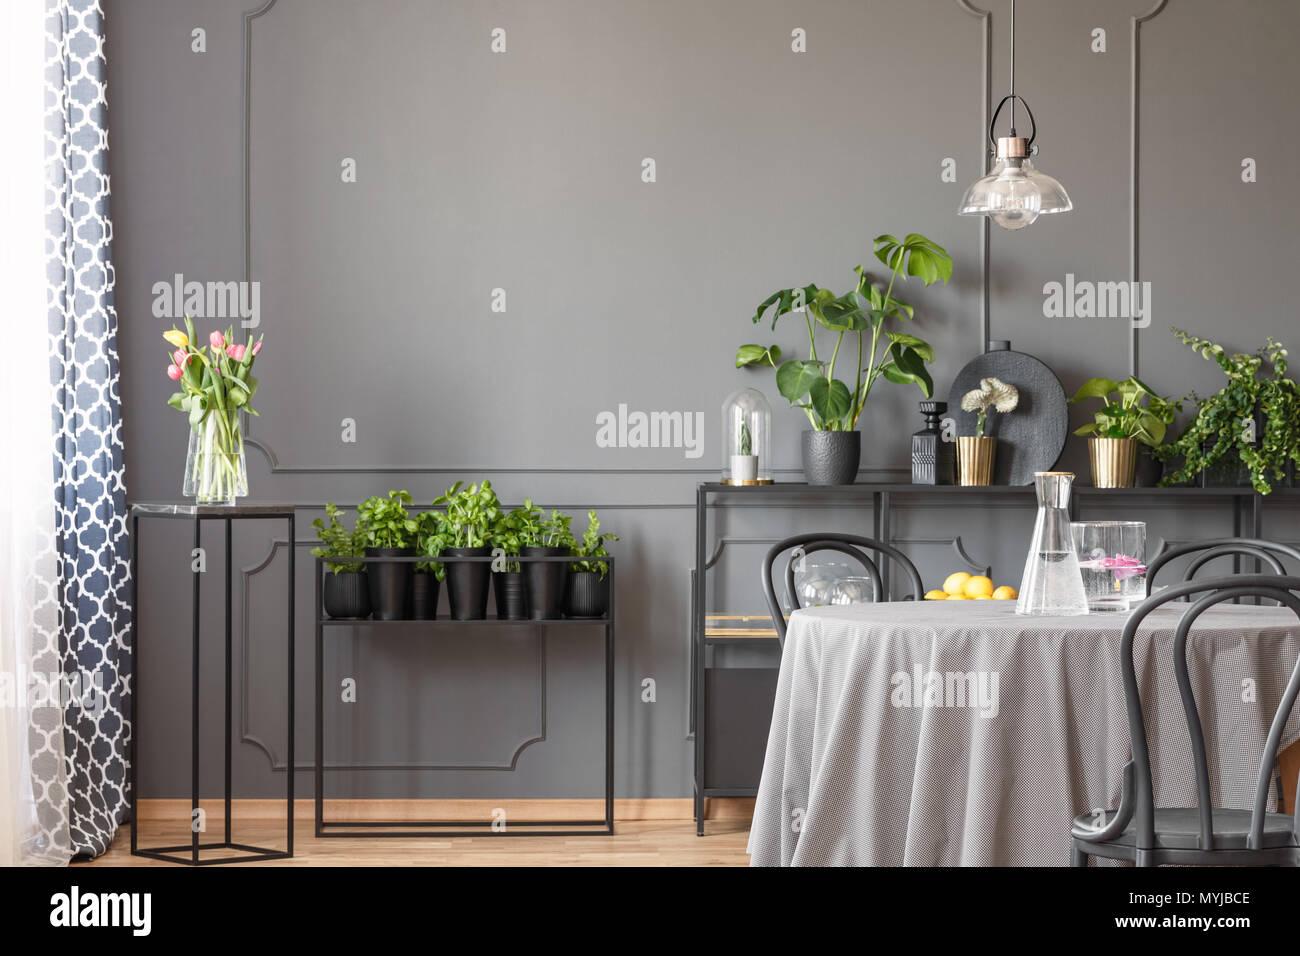 Rosa Blumen Und Pflanzen In Grau Esszimmer Interieur Mit Lampe Uber